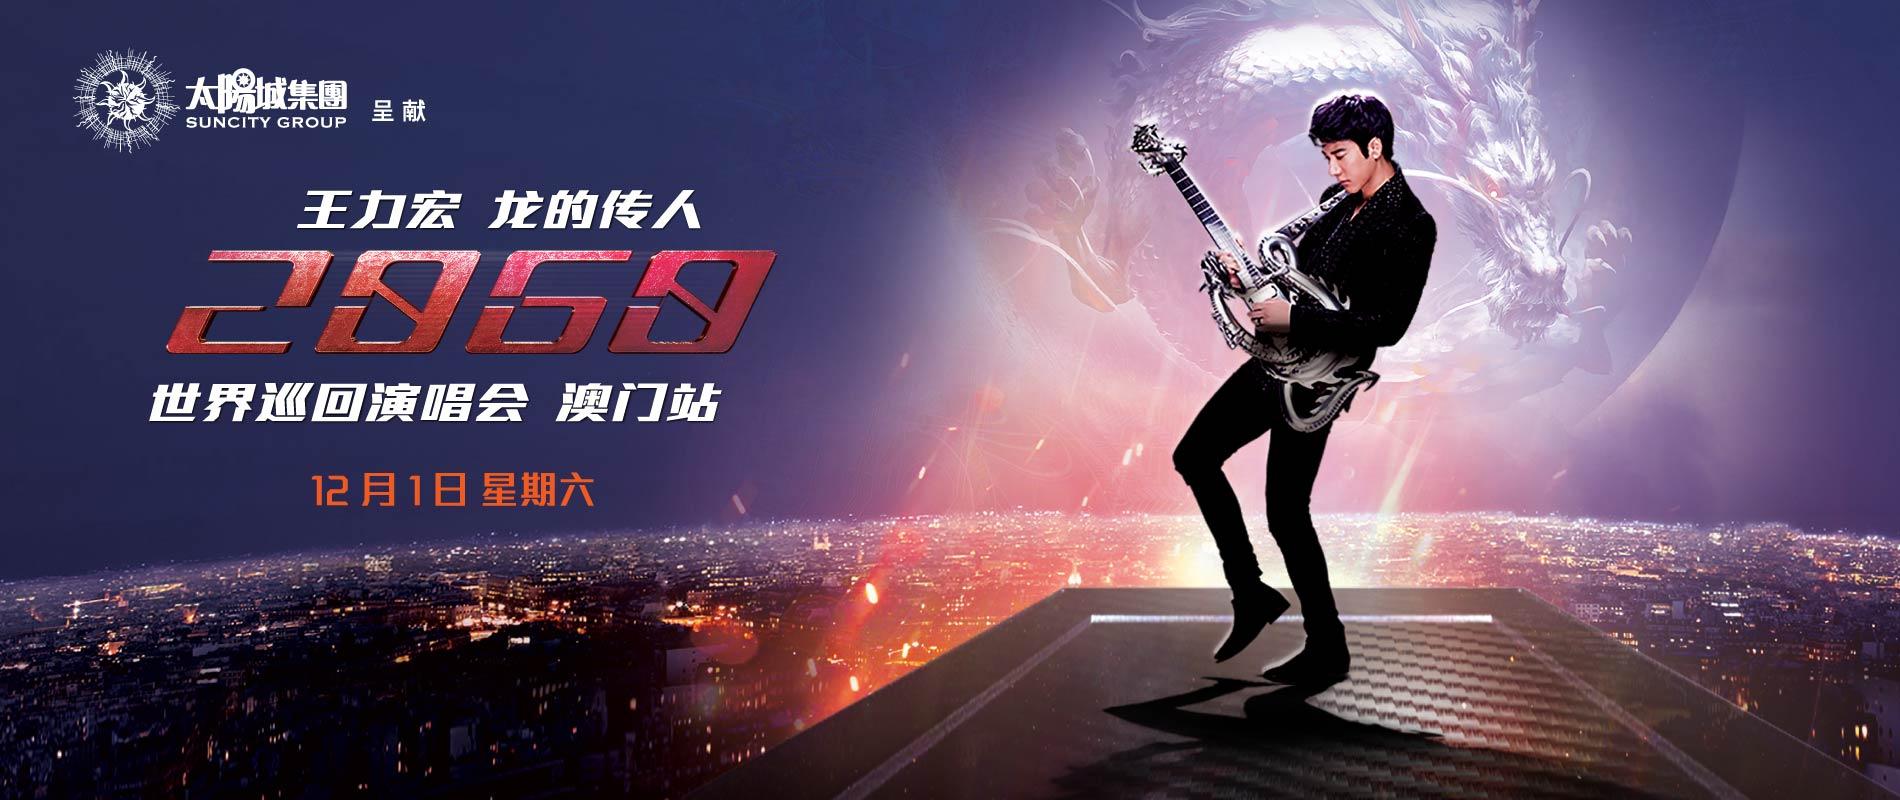 王力宏龙的传人2060世界巡迴演唱会 - 澳门威尼斯人金光综艺馆